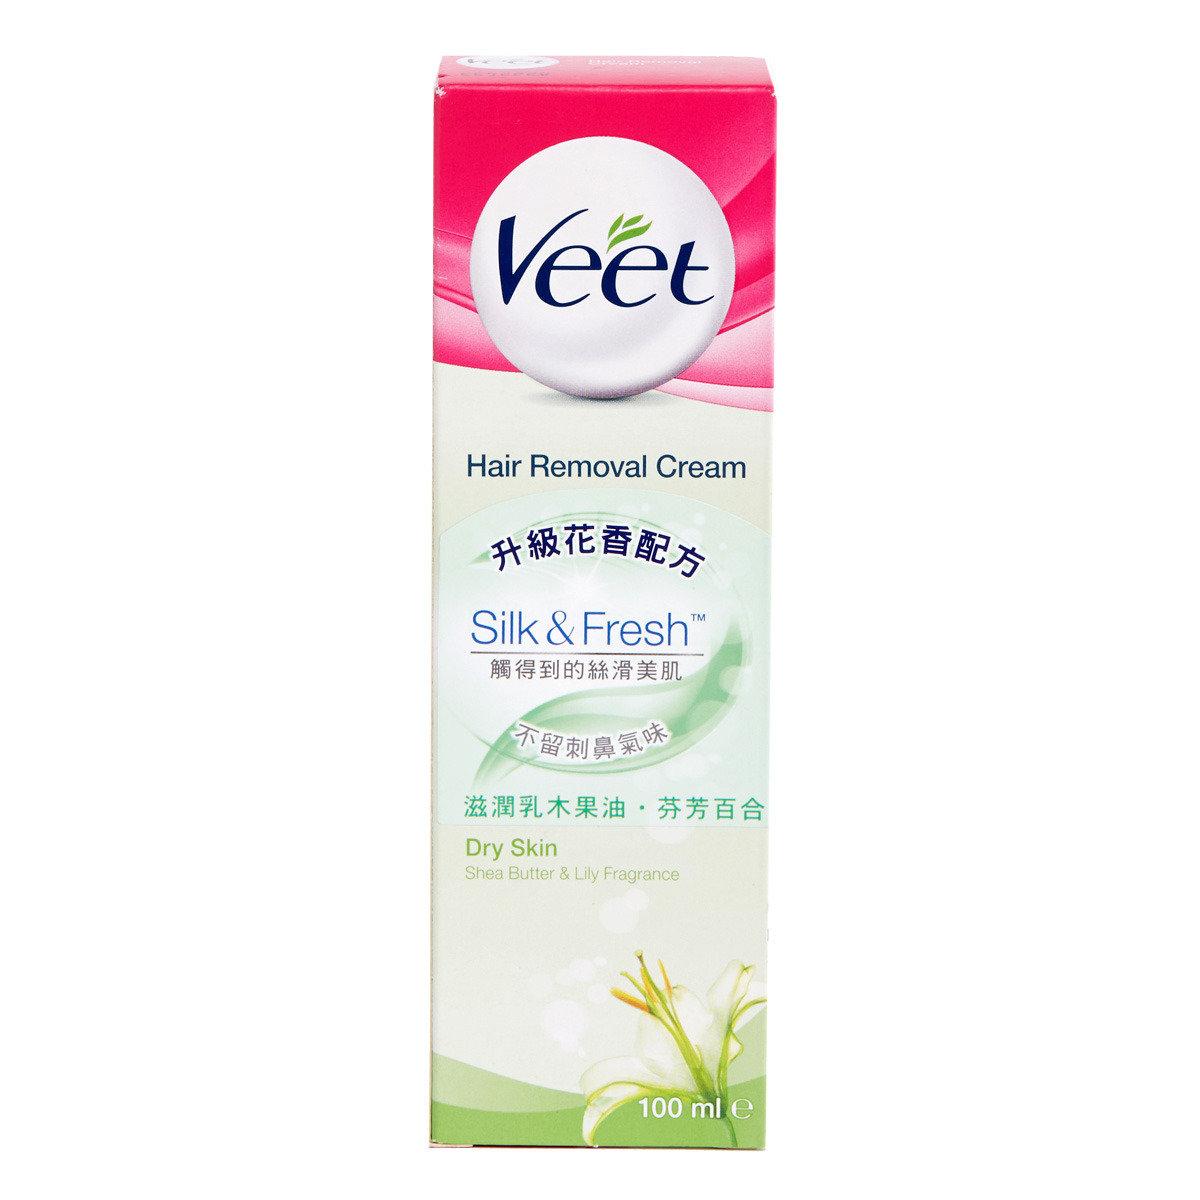 脫毛乳霜(乾性肌膚配方)